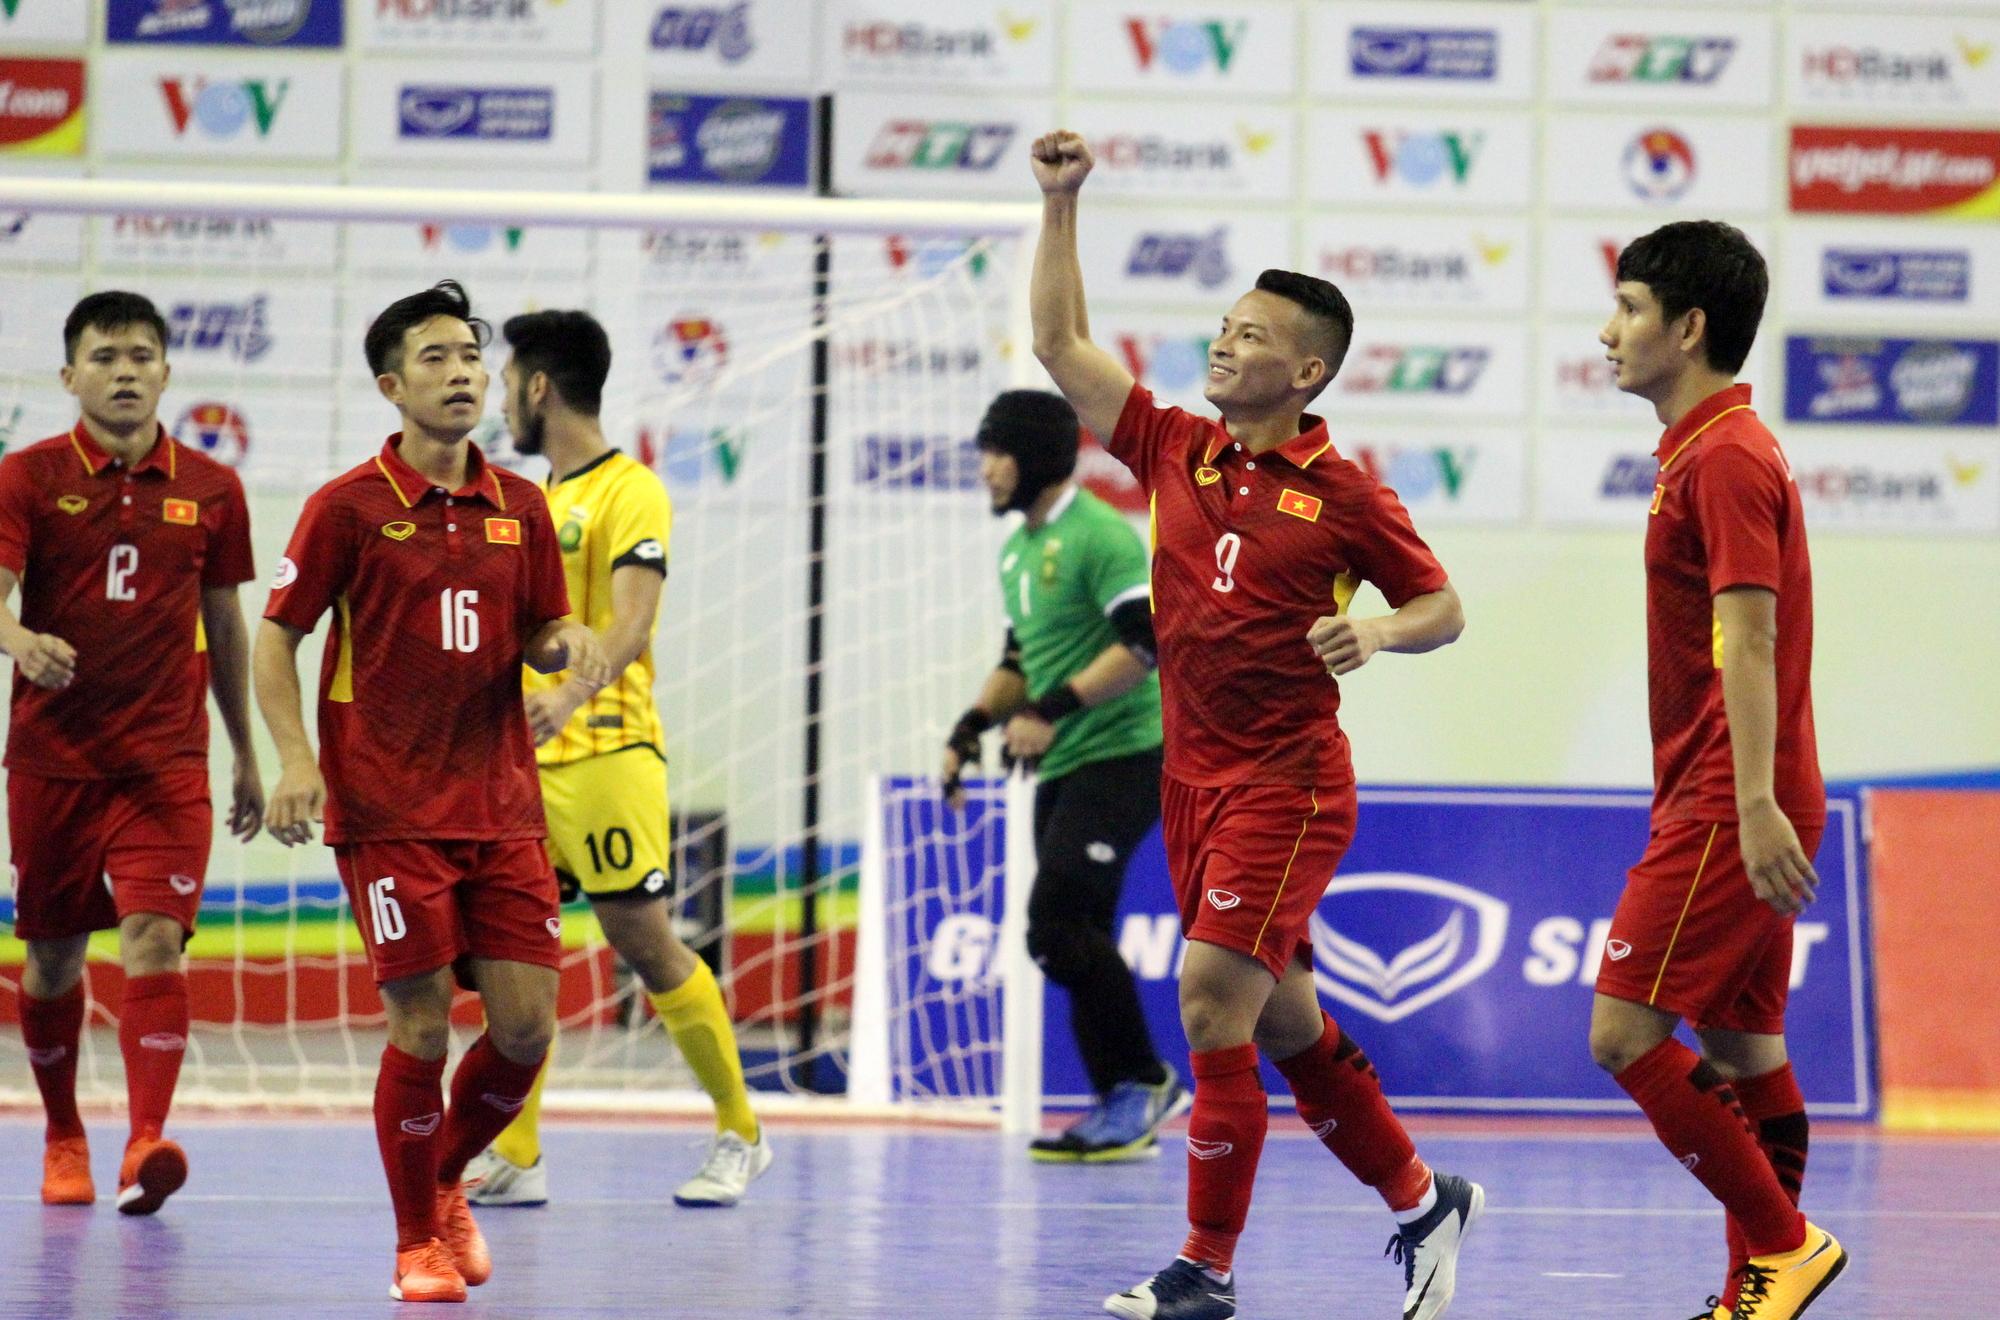 Niềm vui của Thái Huy sau khi ghi bàn cho tuyển futsal VN. Ảnh: HÀ KHÁNH